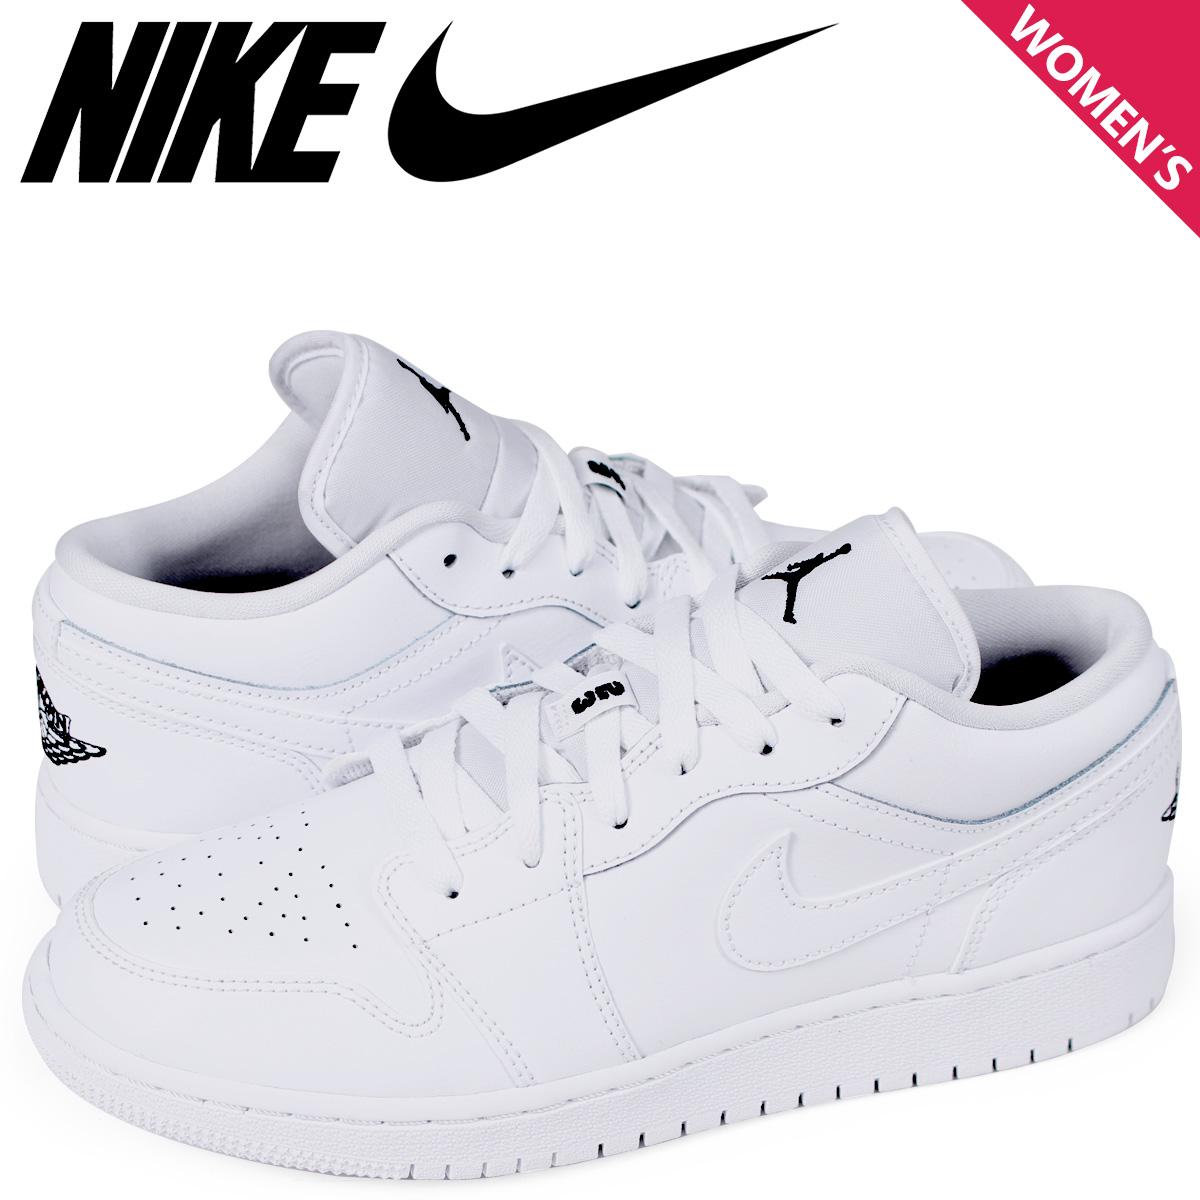 Nike Air Jordan 1 Low BG